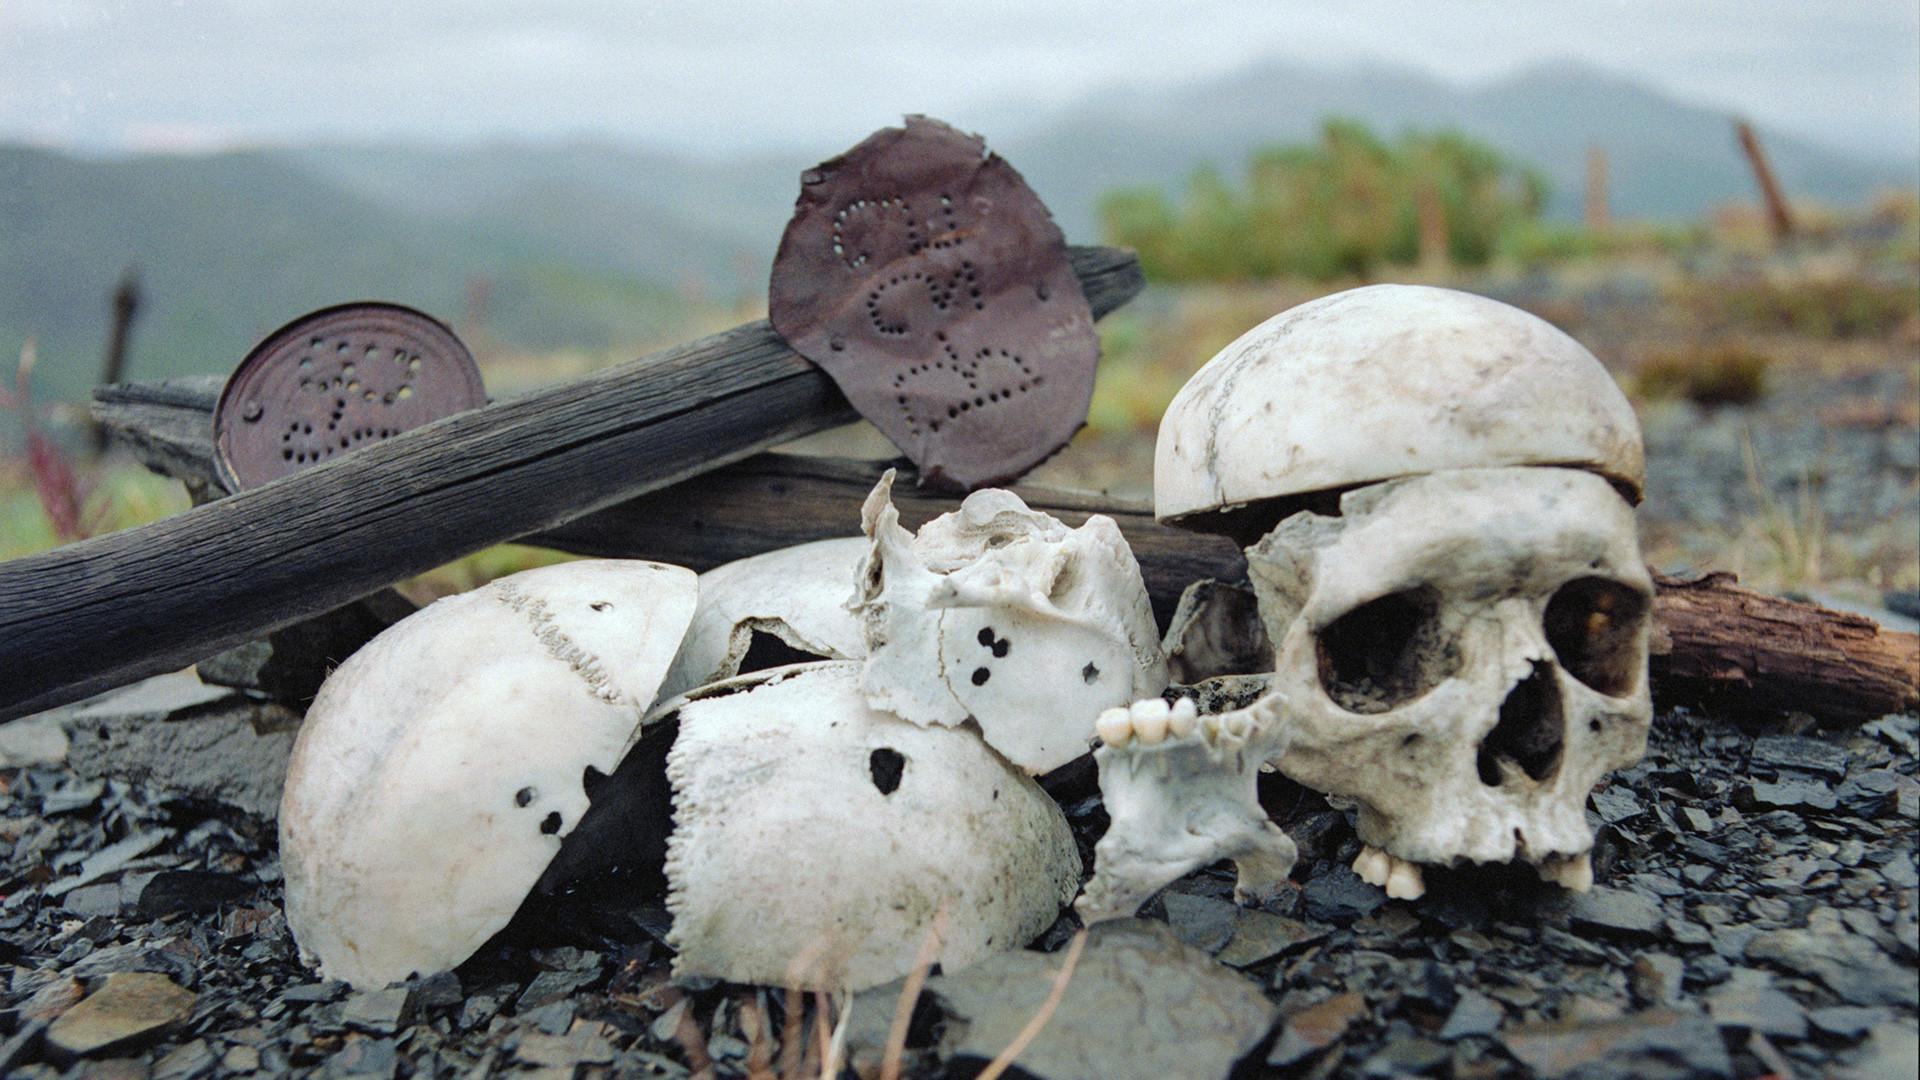 ブツギチャク強制収容所の囚人たちの遺骨